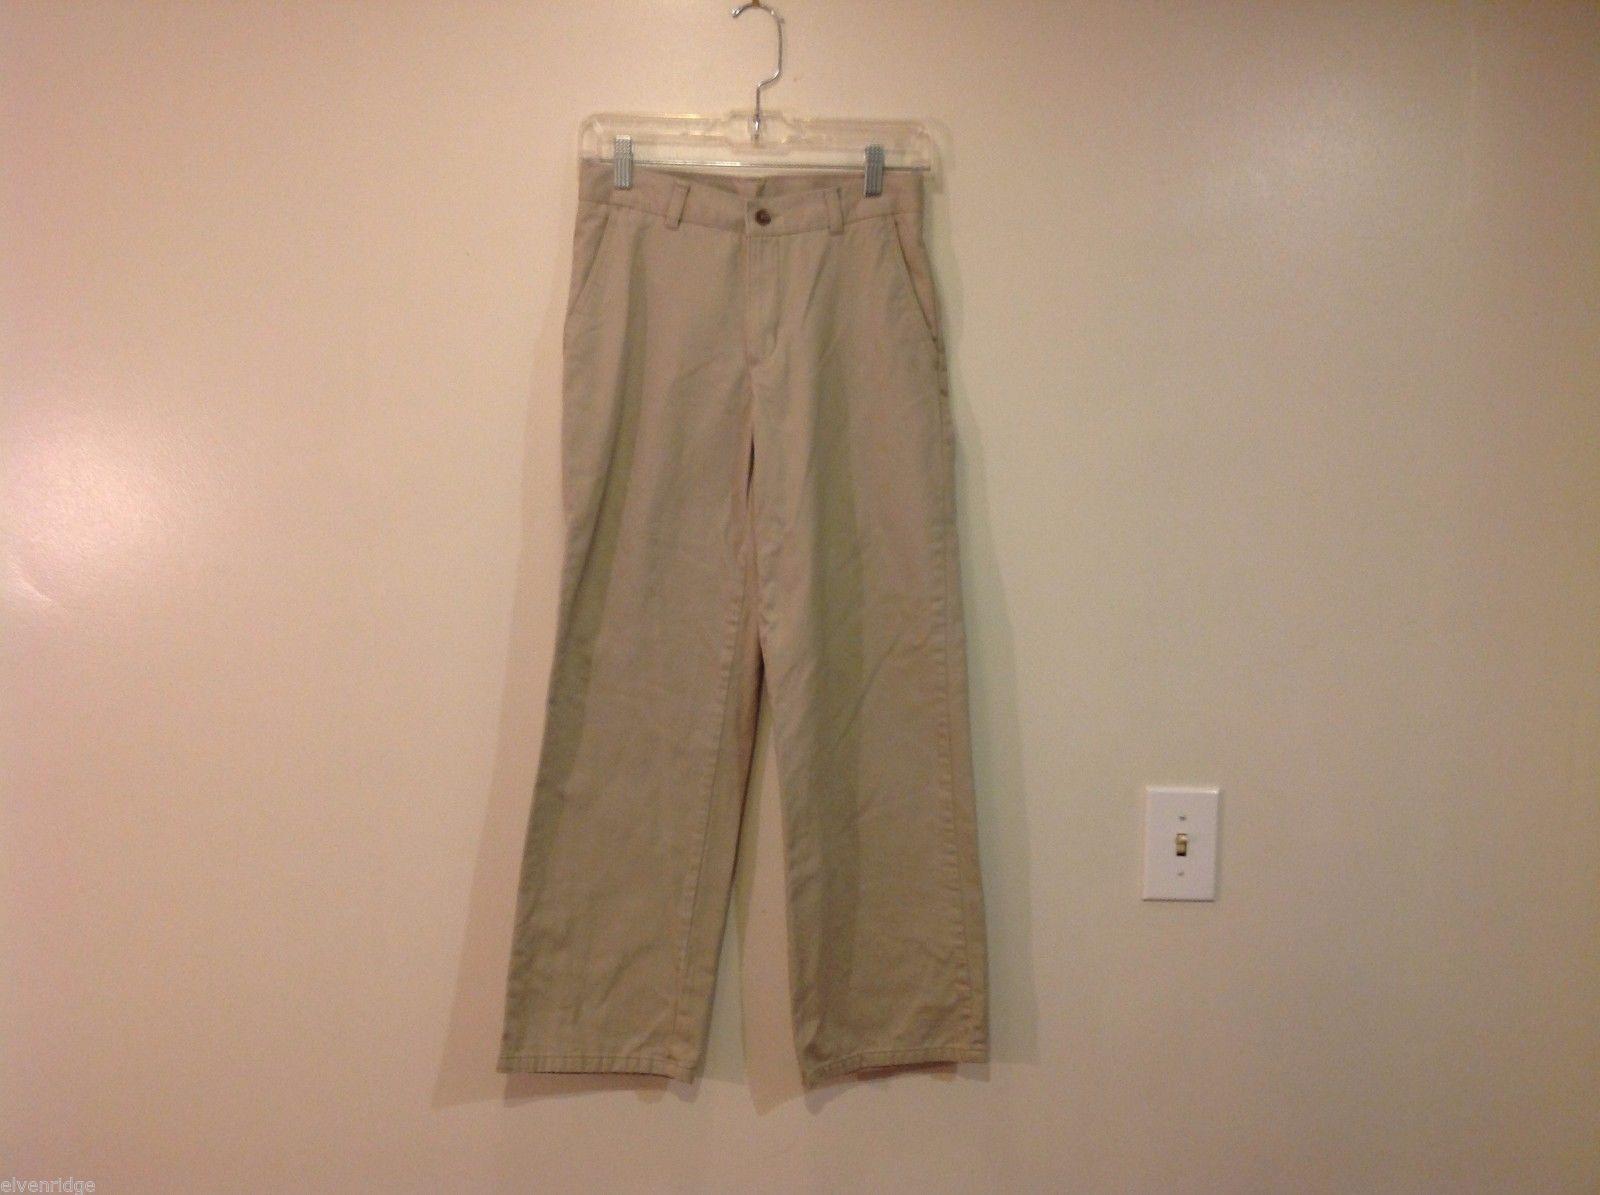 Chaps size 14 regular boys beige dress pants 100% cotton